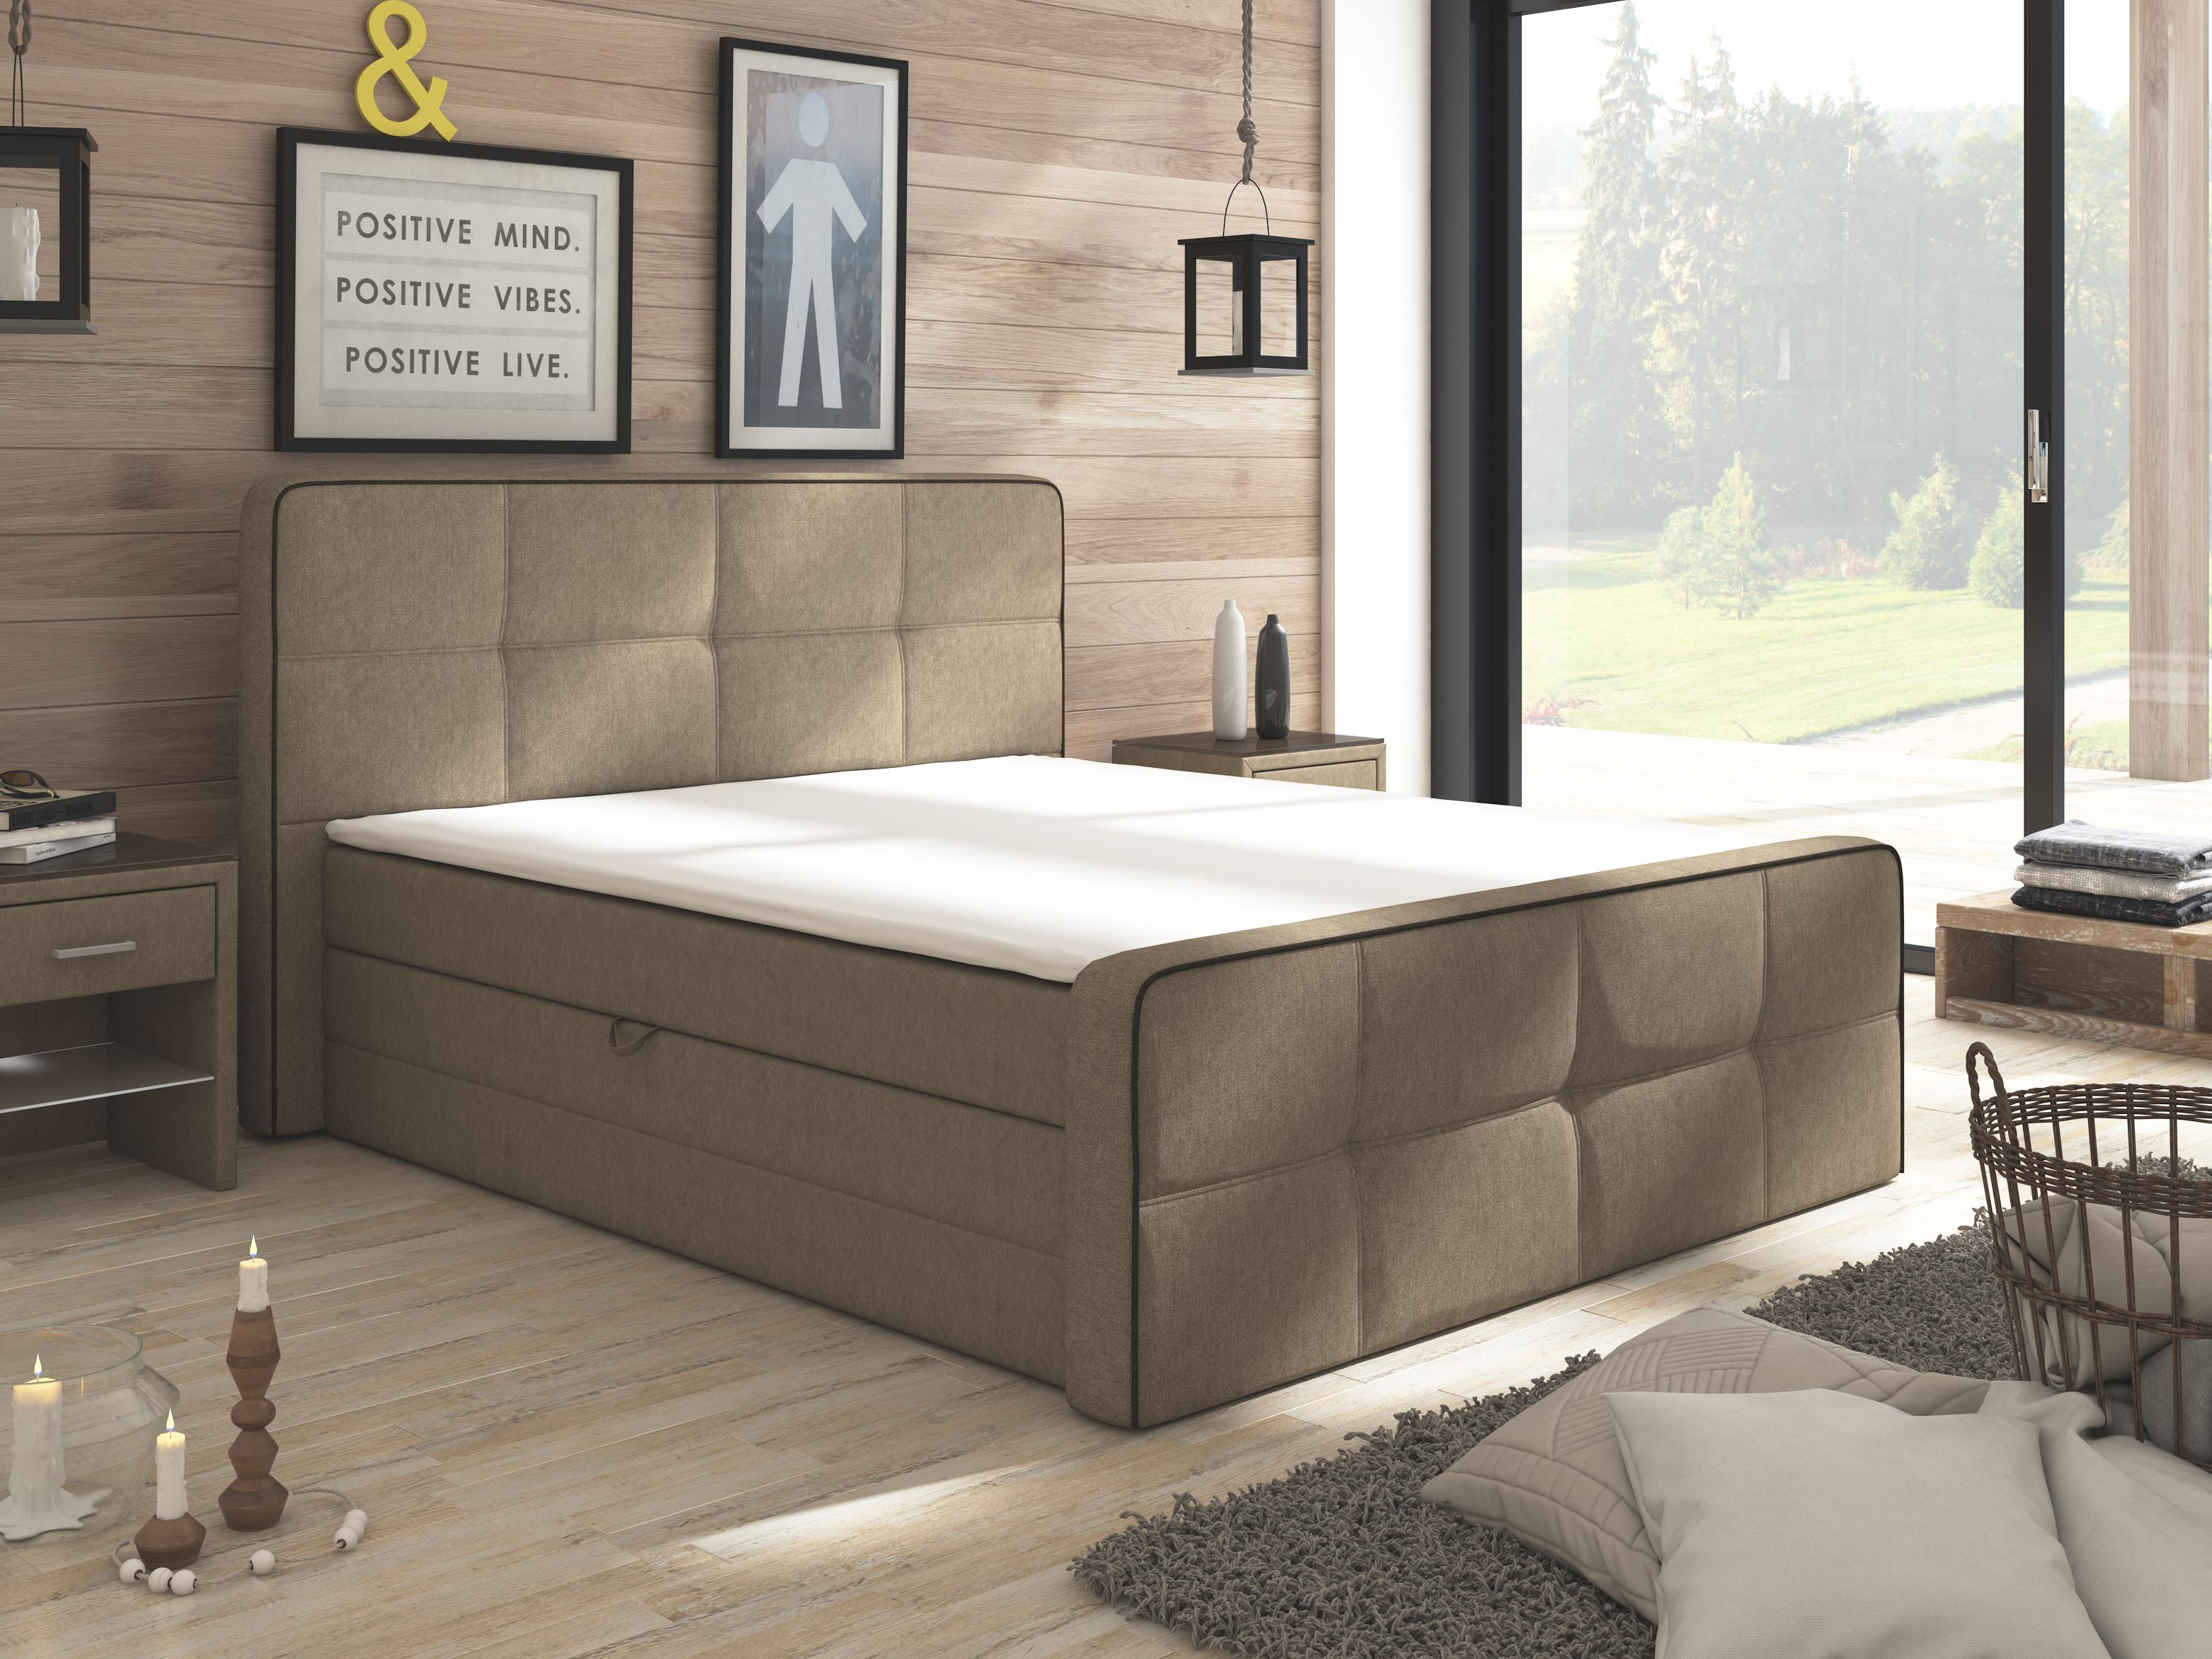 Manželská posteľ Boxspring 160 cm - Renar - Paradise (s matracmi a úl. priestorom). Doprava ZDARMA. Sme autorizovaný predajca Renar. Vlastná spoľahlivá doprava až k Vám domov.